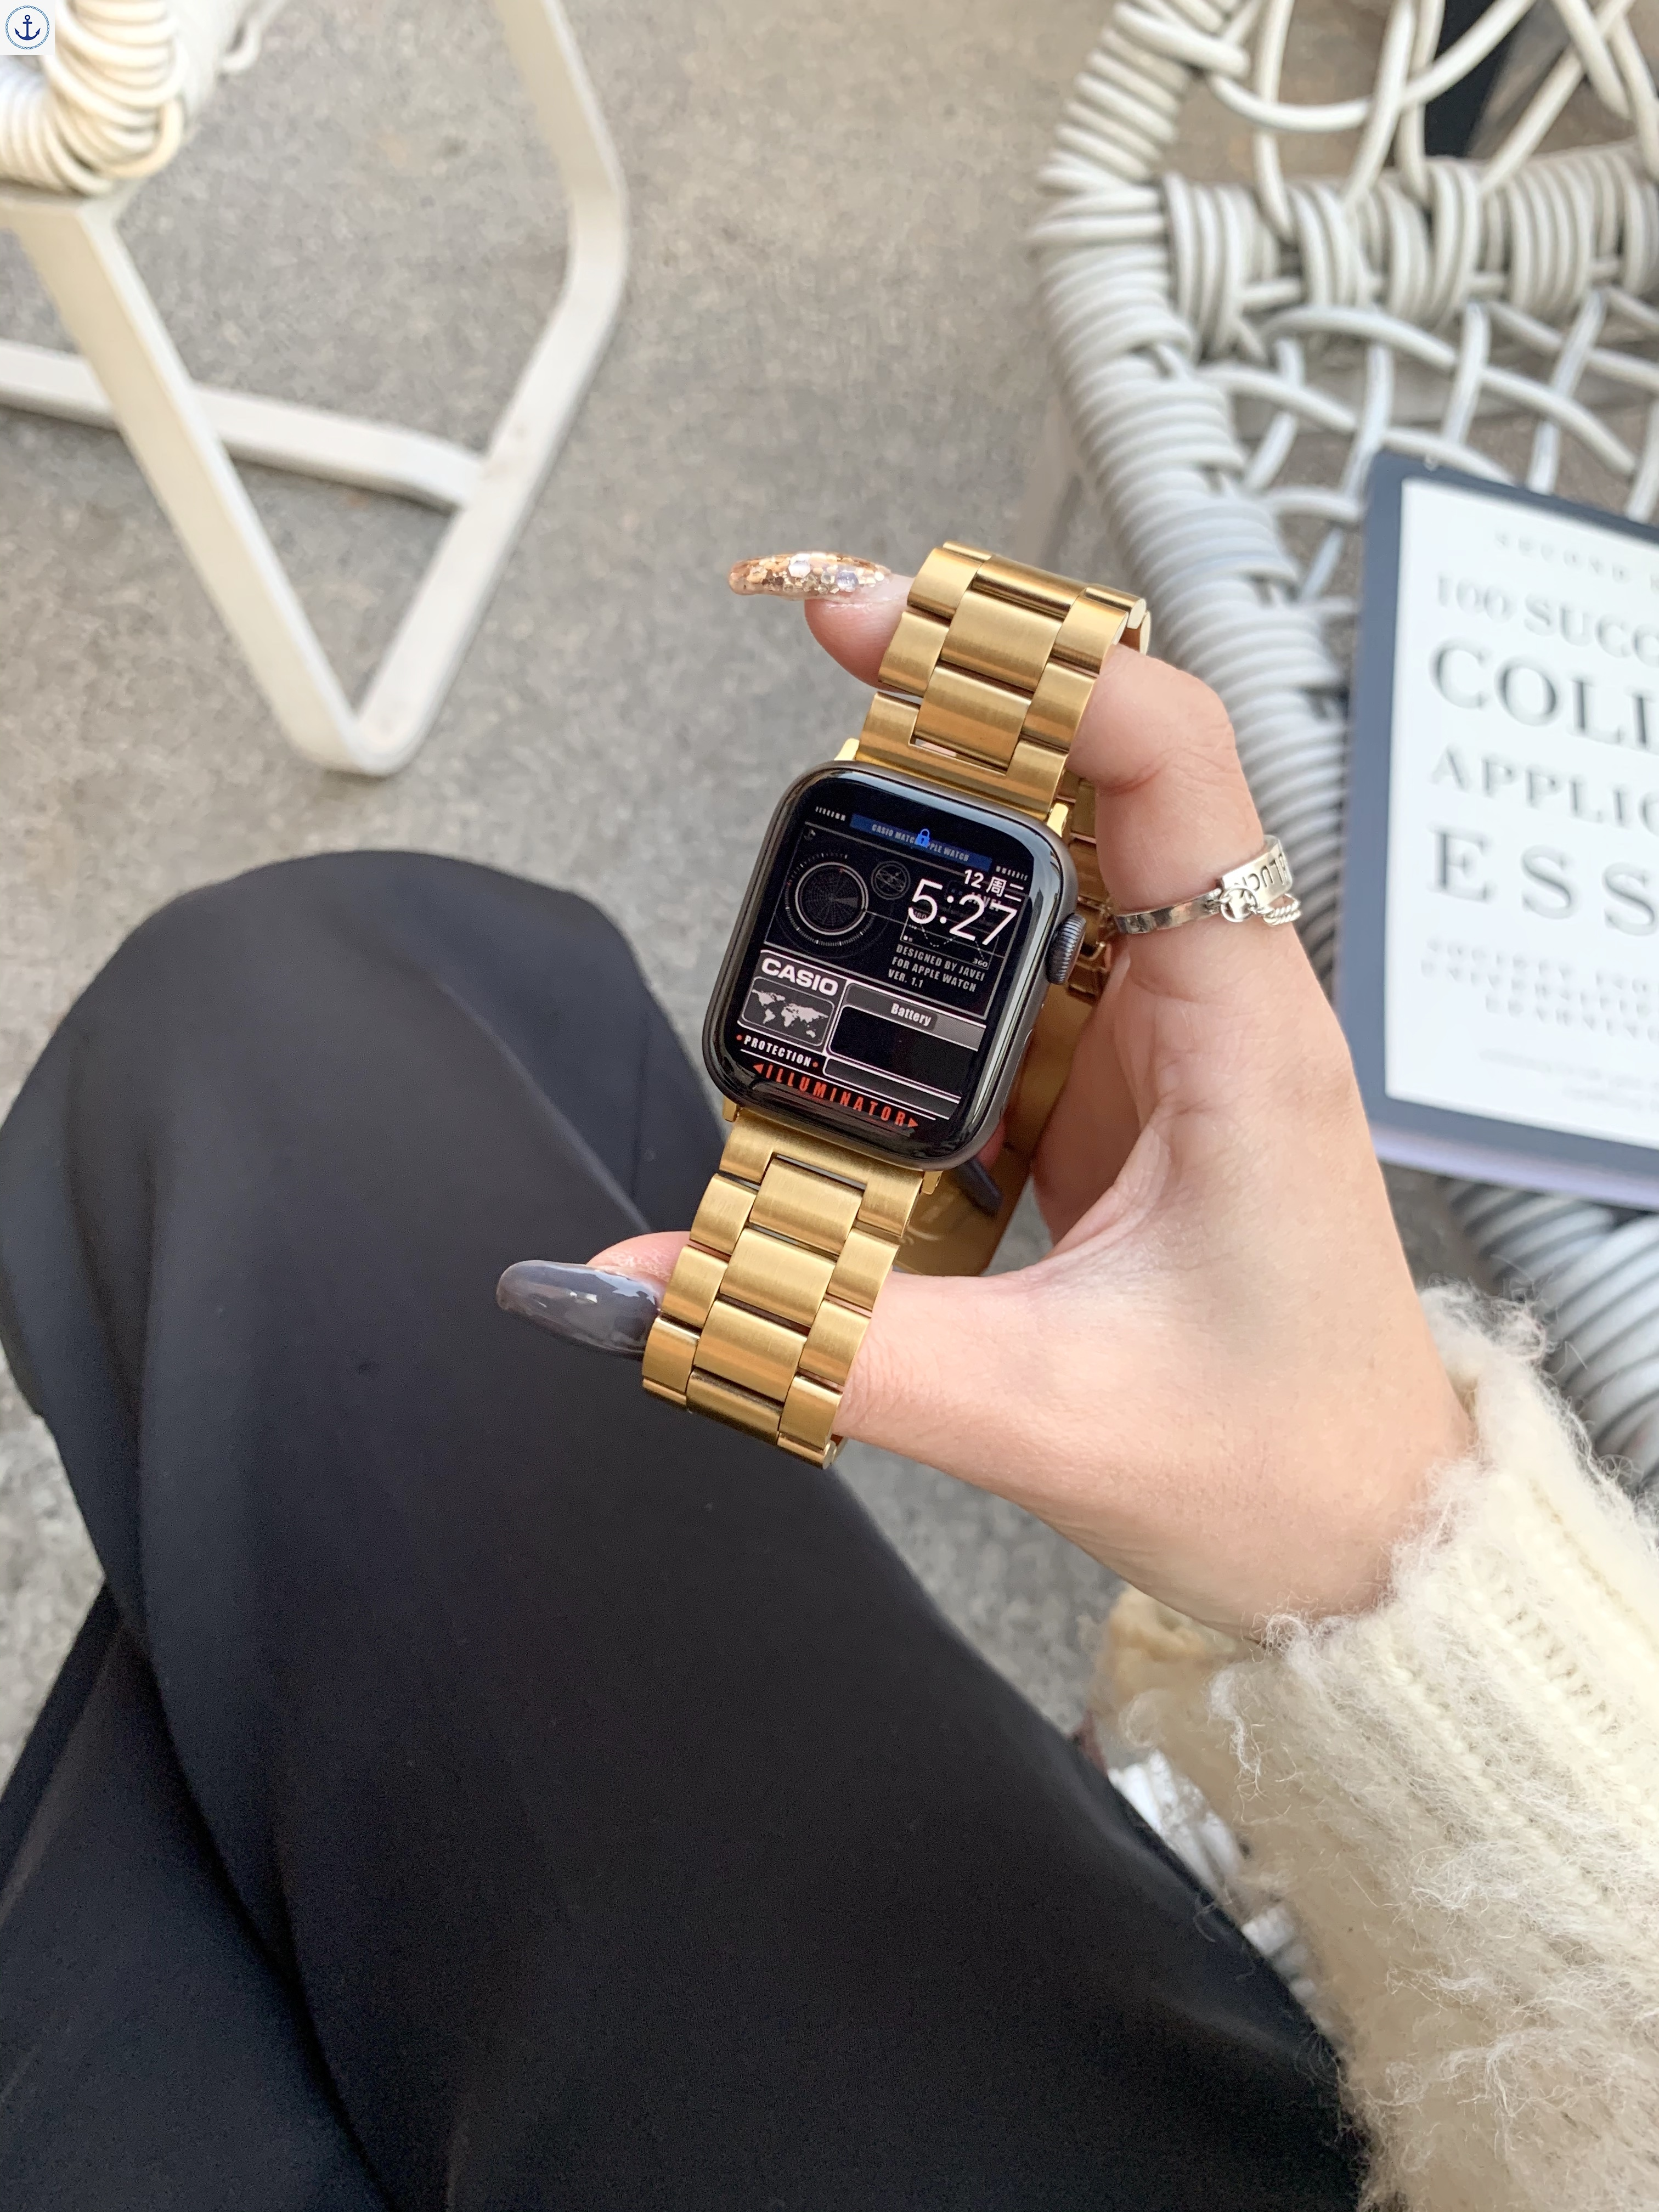 สายนาฬิกาข้อมือสายสแตนเลสสําหรับ Applewatch